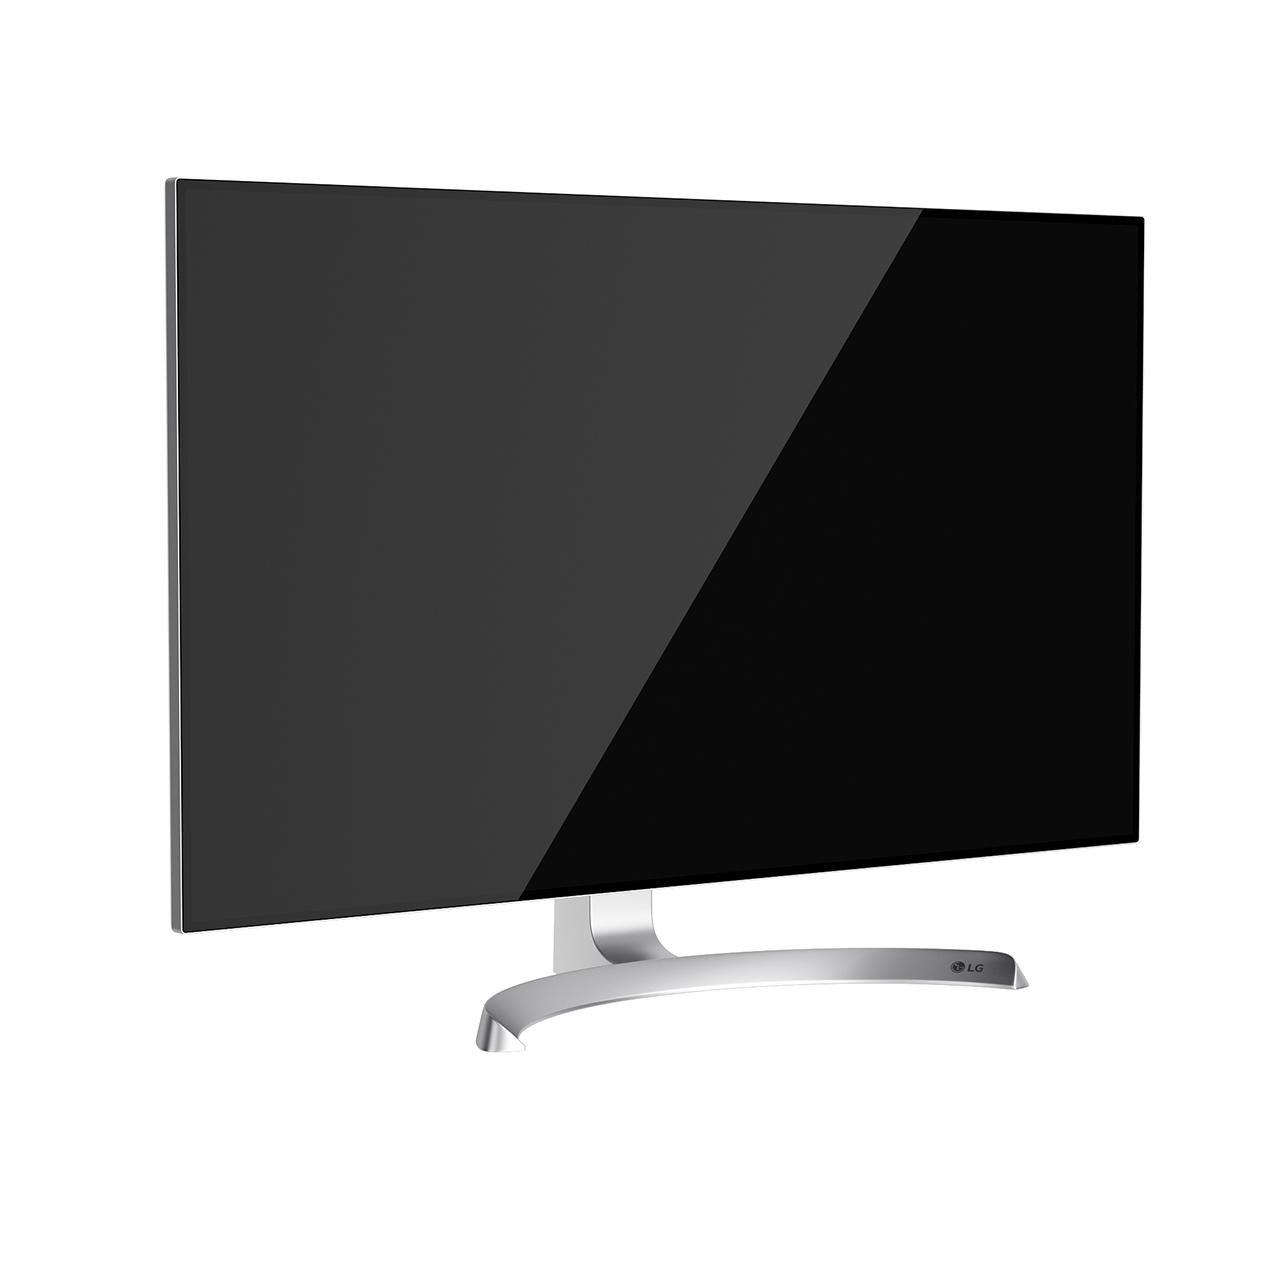 LG 32UD99 Monitor by LG